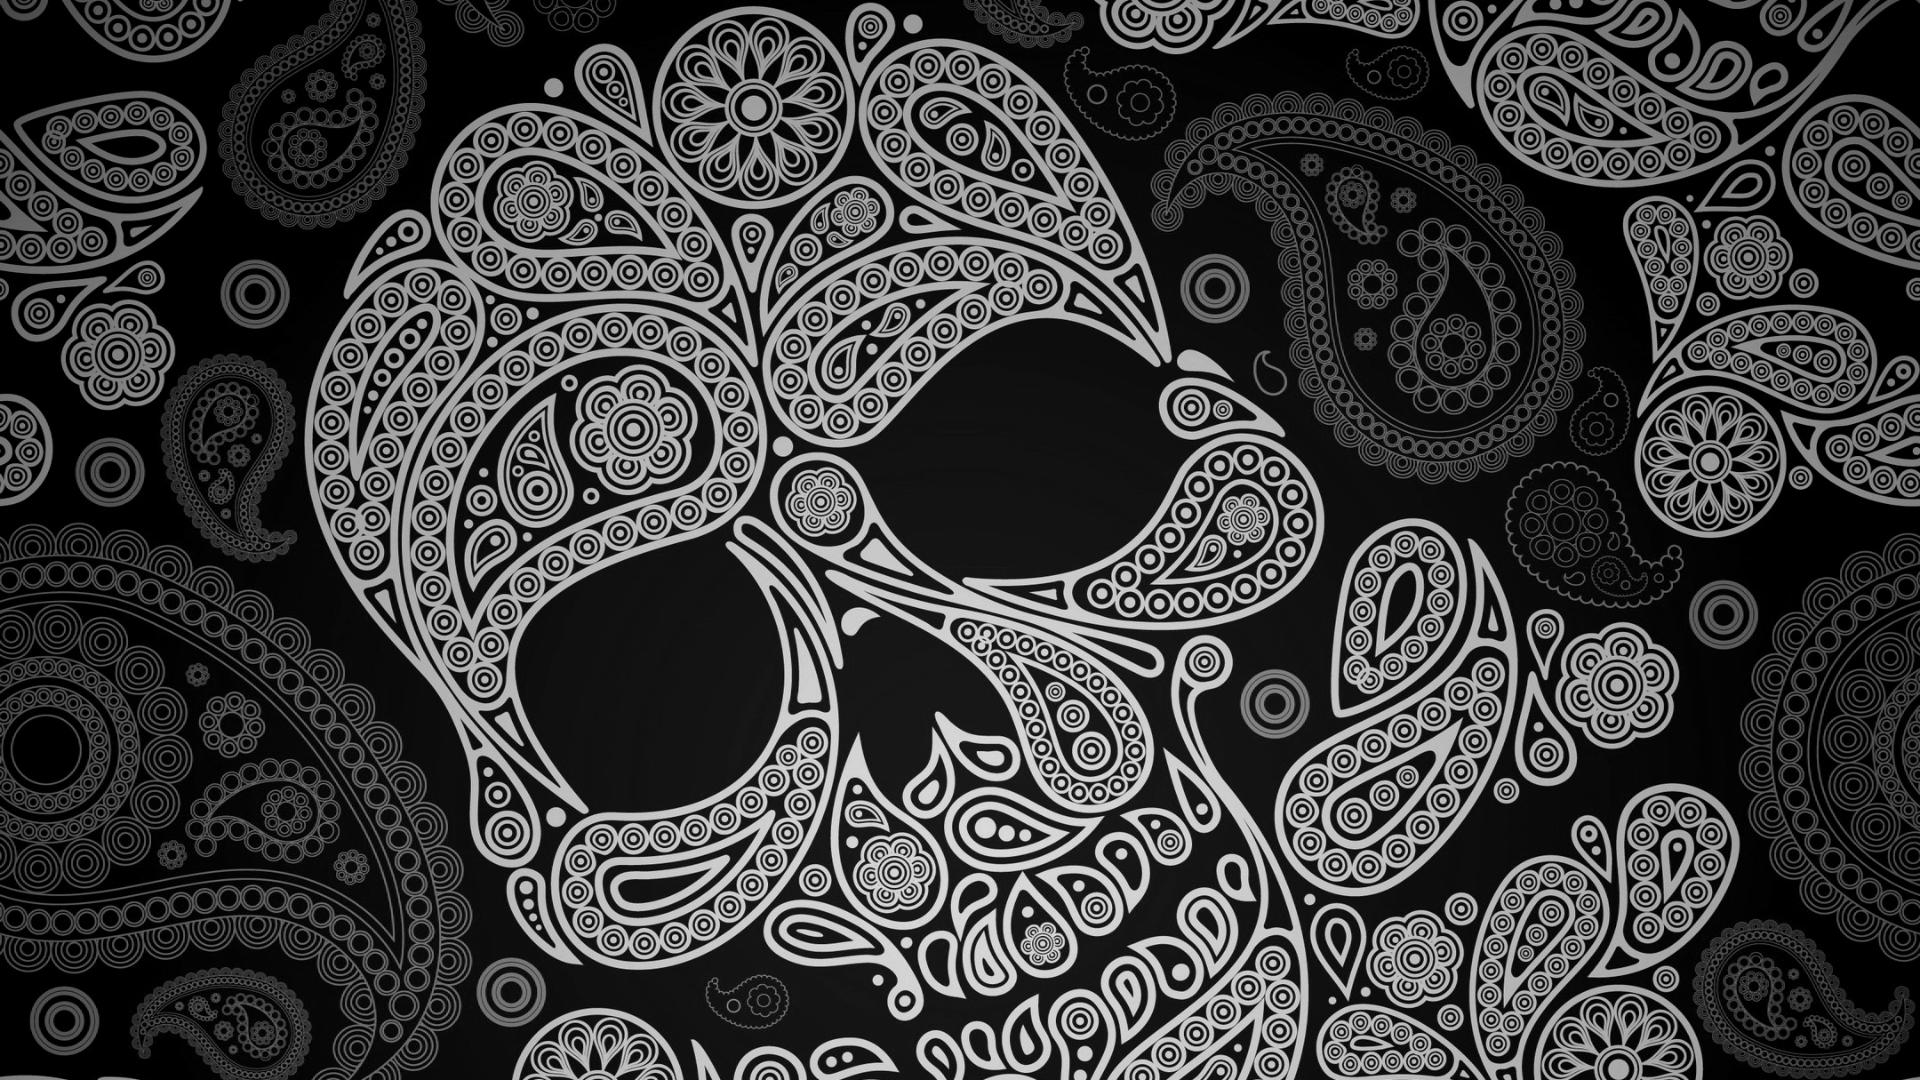 Girly Sugar Skull Wallpaper Paisley skull wallpaper 1920x1080